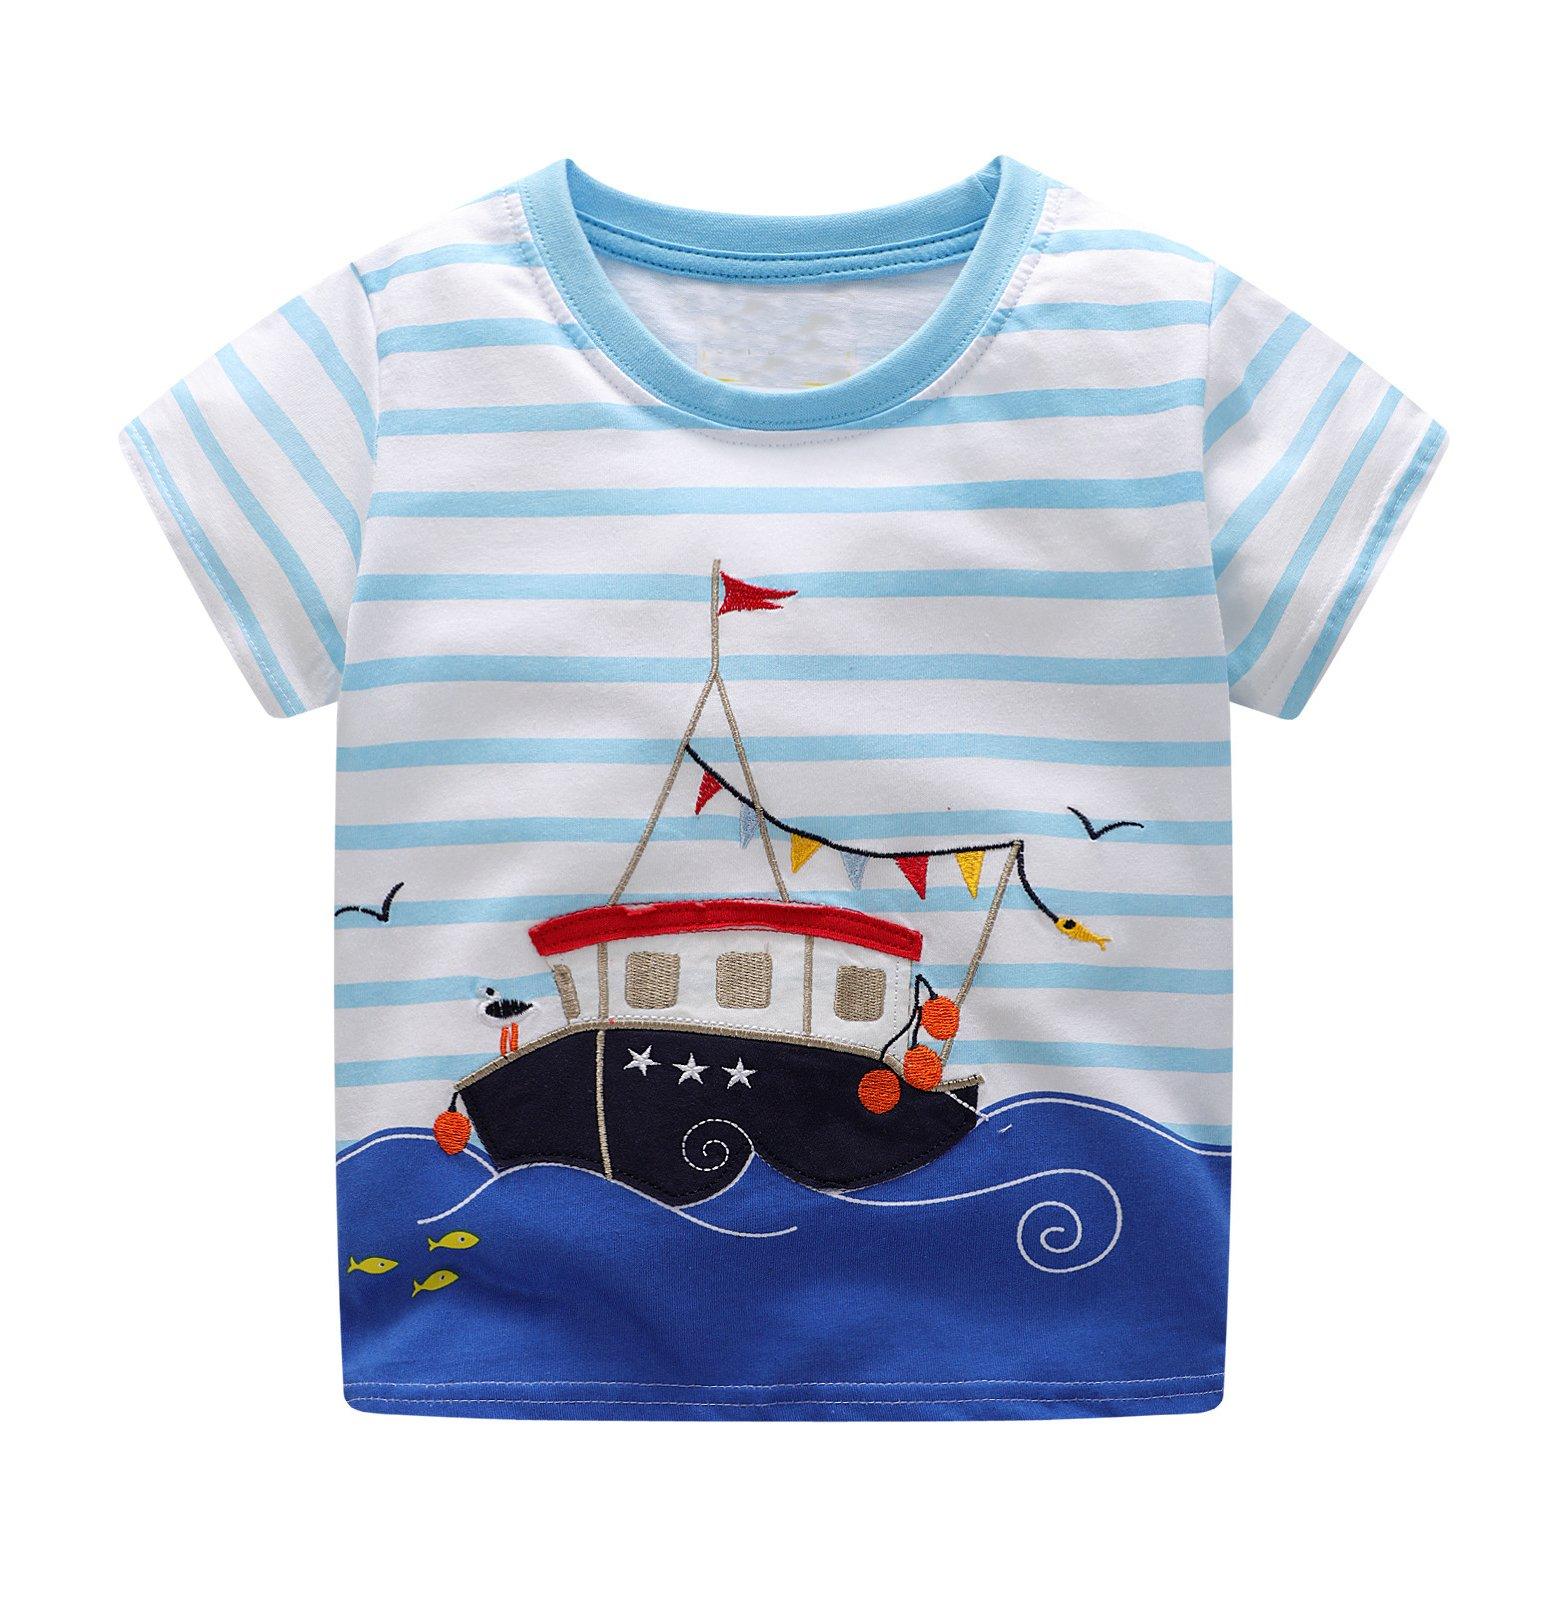 BEILEI CREATIONS Little Boys Summer Cotton Strip T Shirt,Summer Short Sleeve T-Shirt Clothes (18M-24M, Blue Ship) by BEILEI CREATIONS (Image #1)